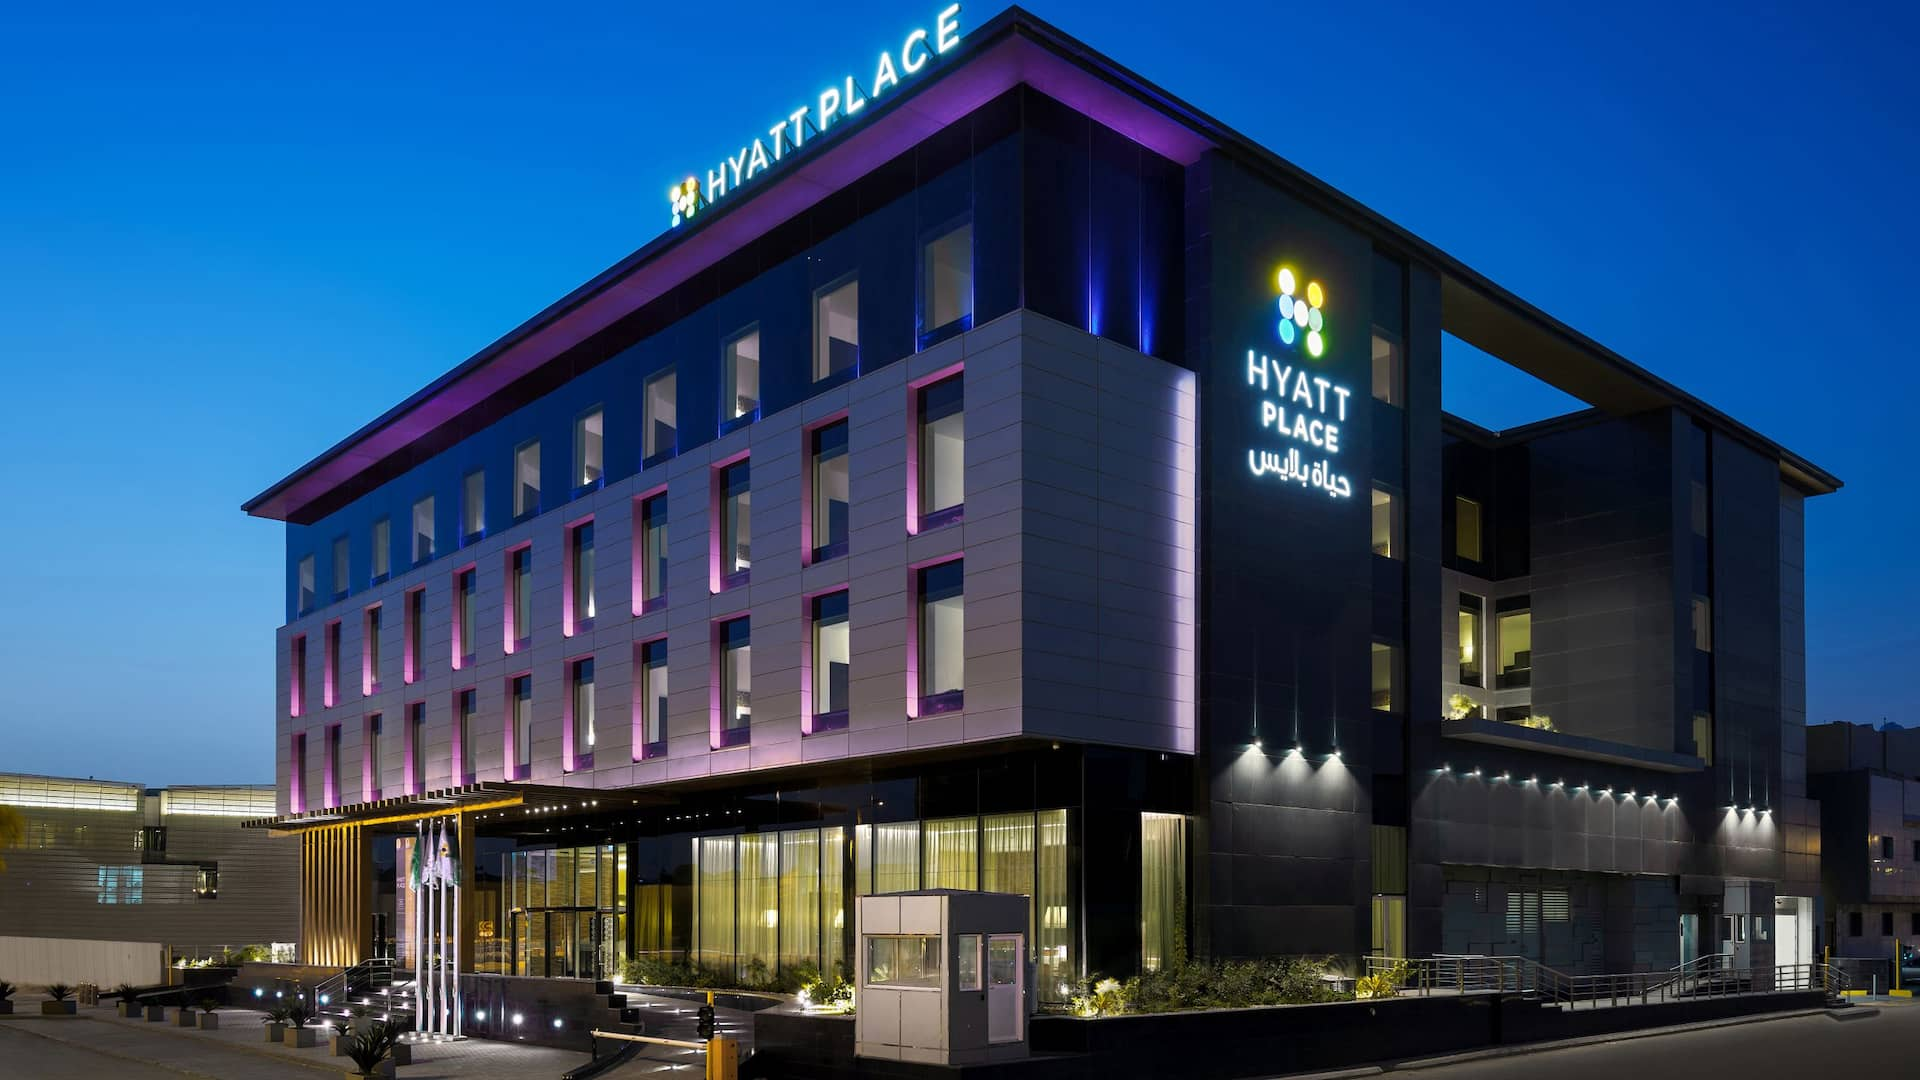 hyatt hotel exterior